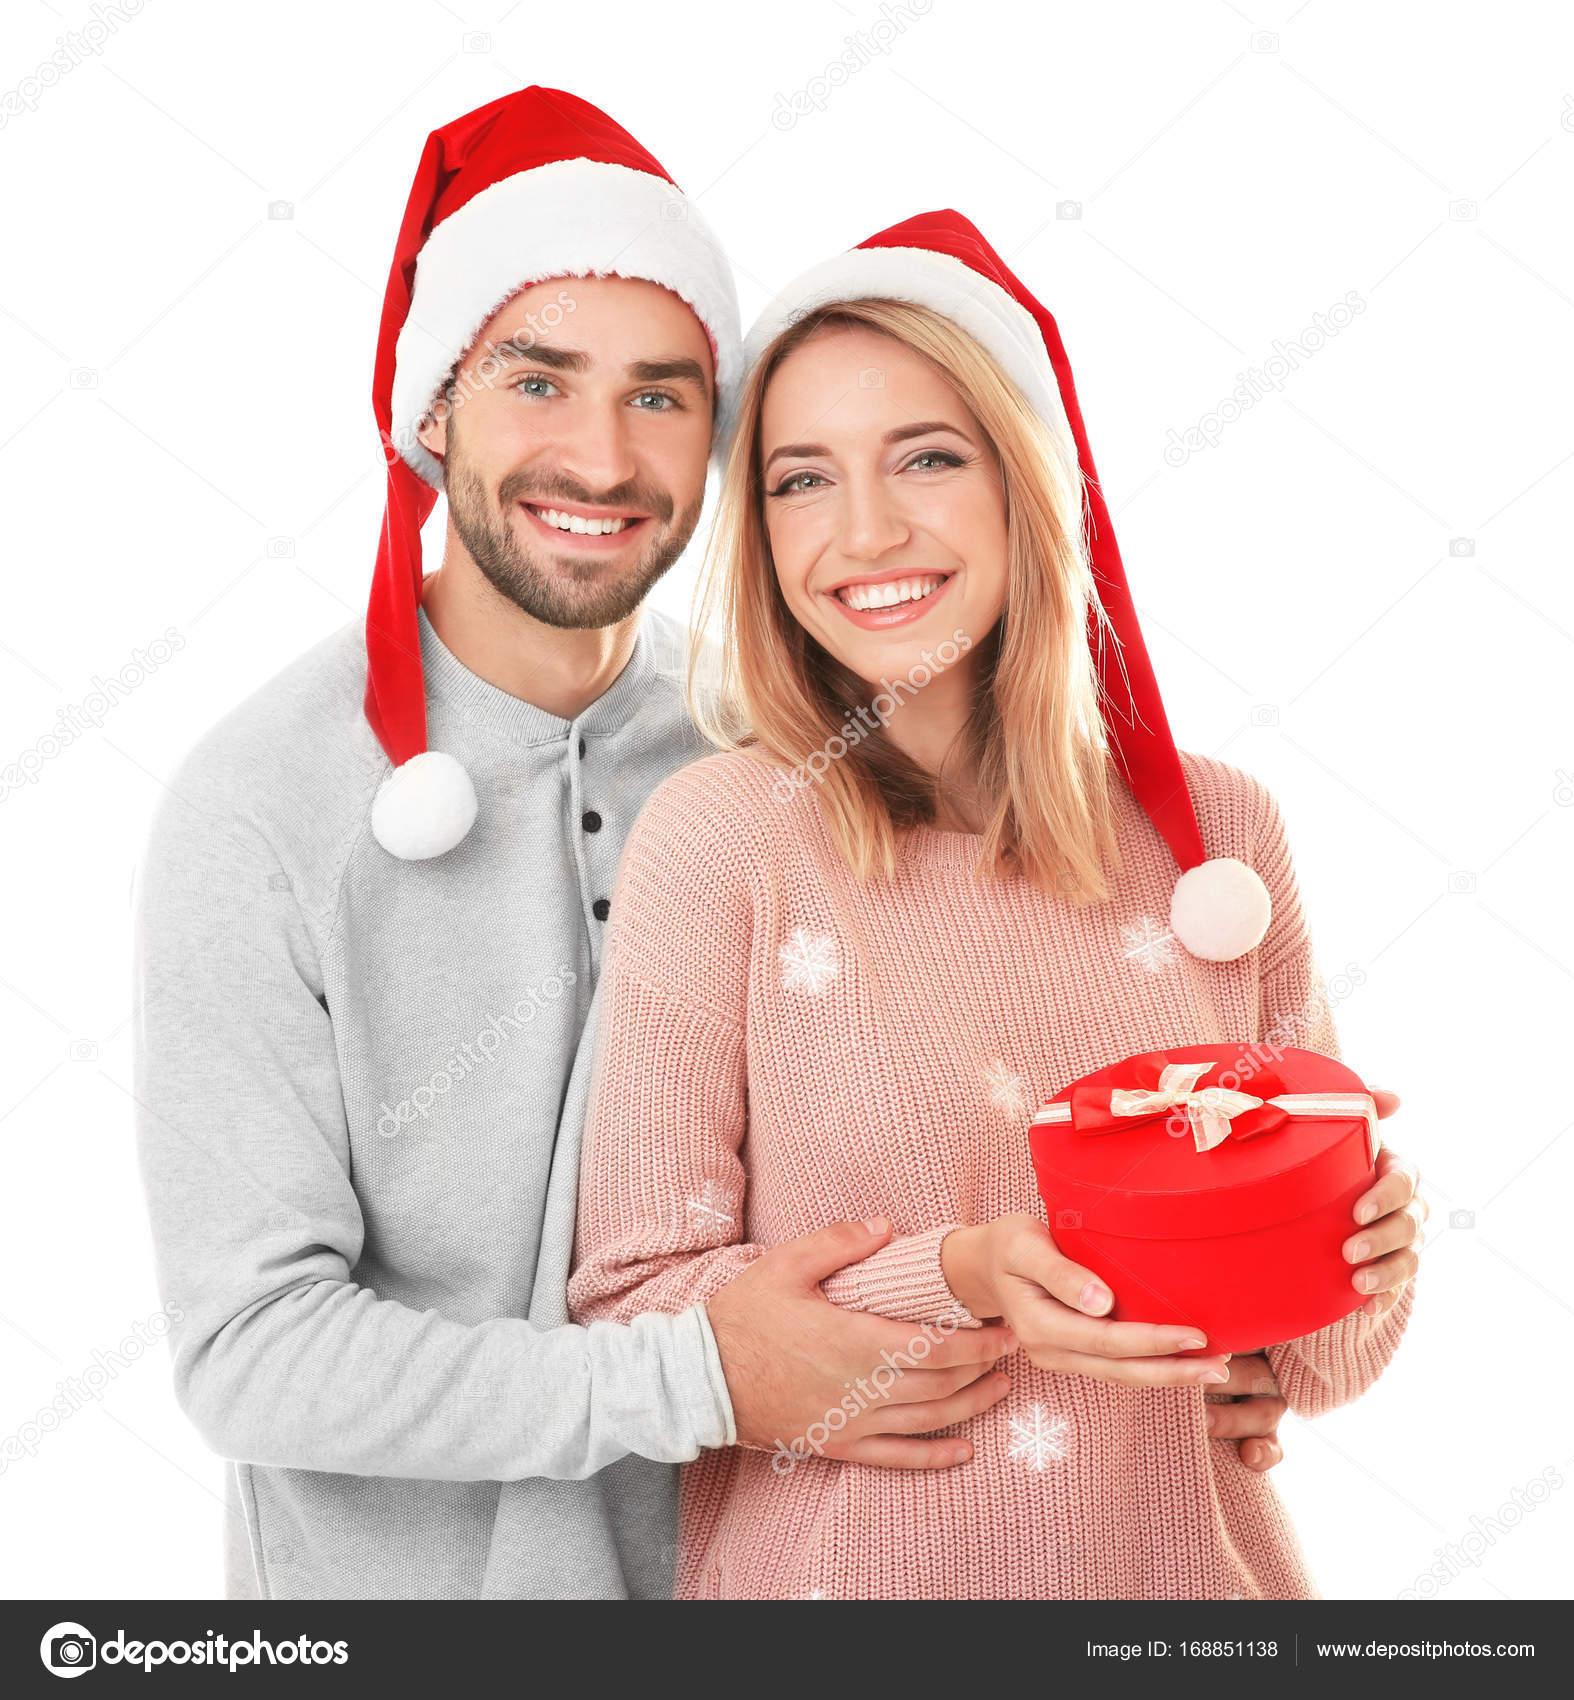 jeune couple avec le cadeau de no l photographie belchonock 168851138. Black Bedroom Furniture Sets. Home Design Ideas